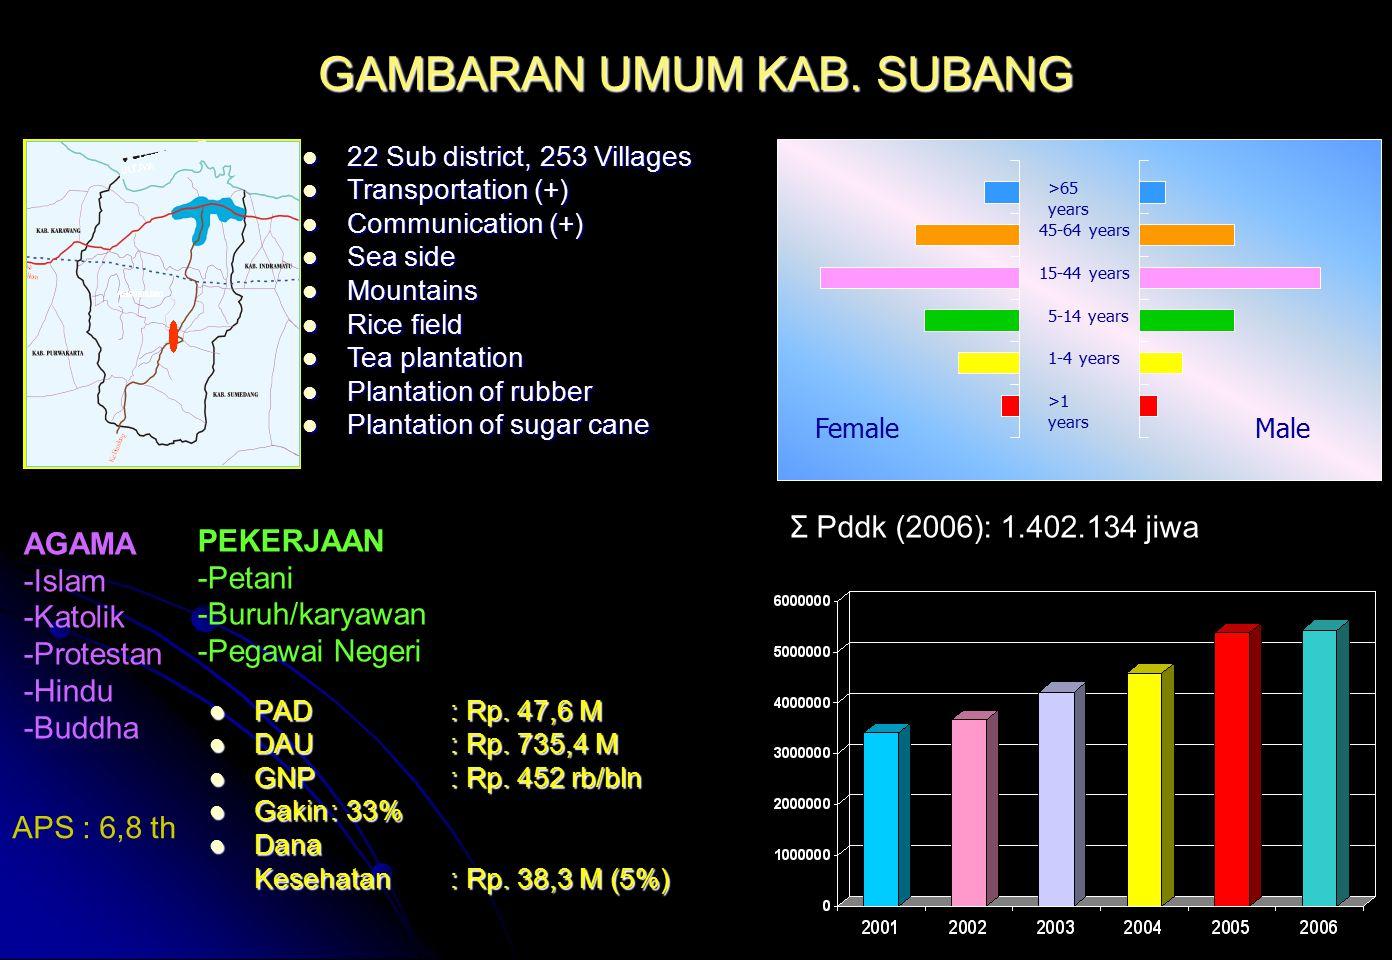 GAMBARAN UMUM KAB. SUBANG PAD: Rp. 47,6 M PAD: Rp. 47,6 M DAU: Rp. 735,4 M DAU: Rp. 735,4 M GNP: Rp. 452 rb/bln GNP: Rp. 452 rb/bln Gakin: 33% Gakin: